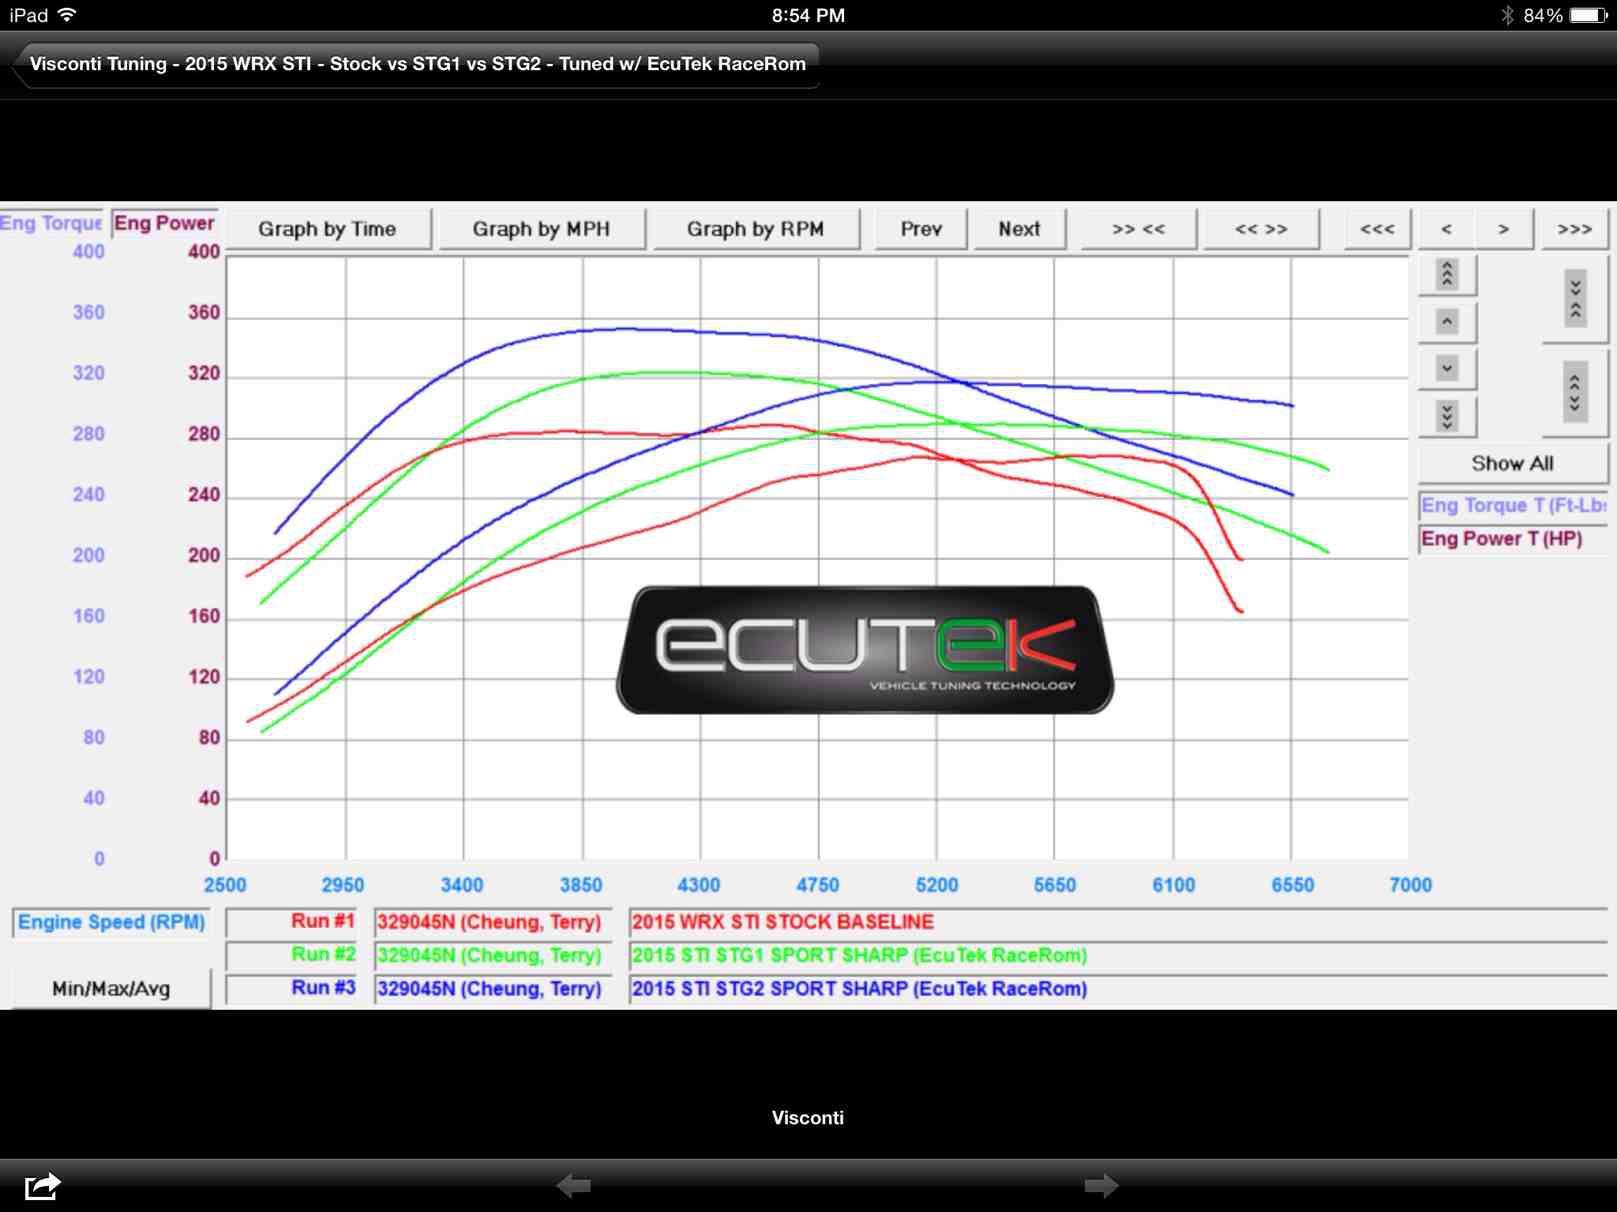 Engine 2015 wrx sti dyno results - Subaru Impreza WRX STI